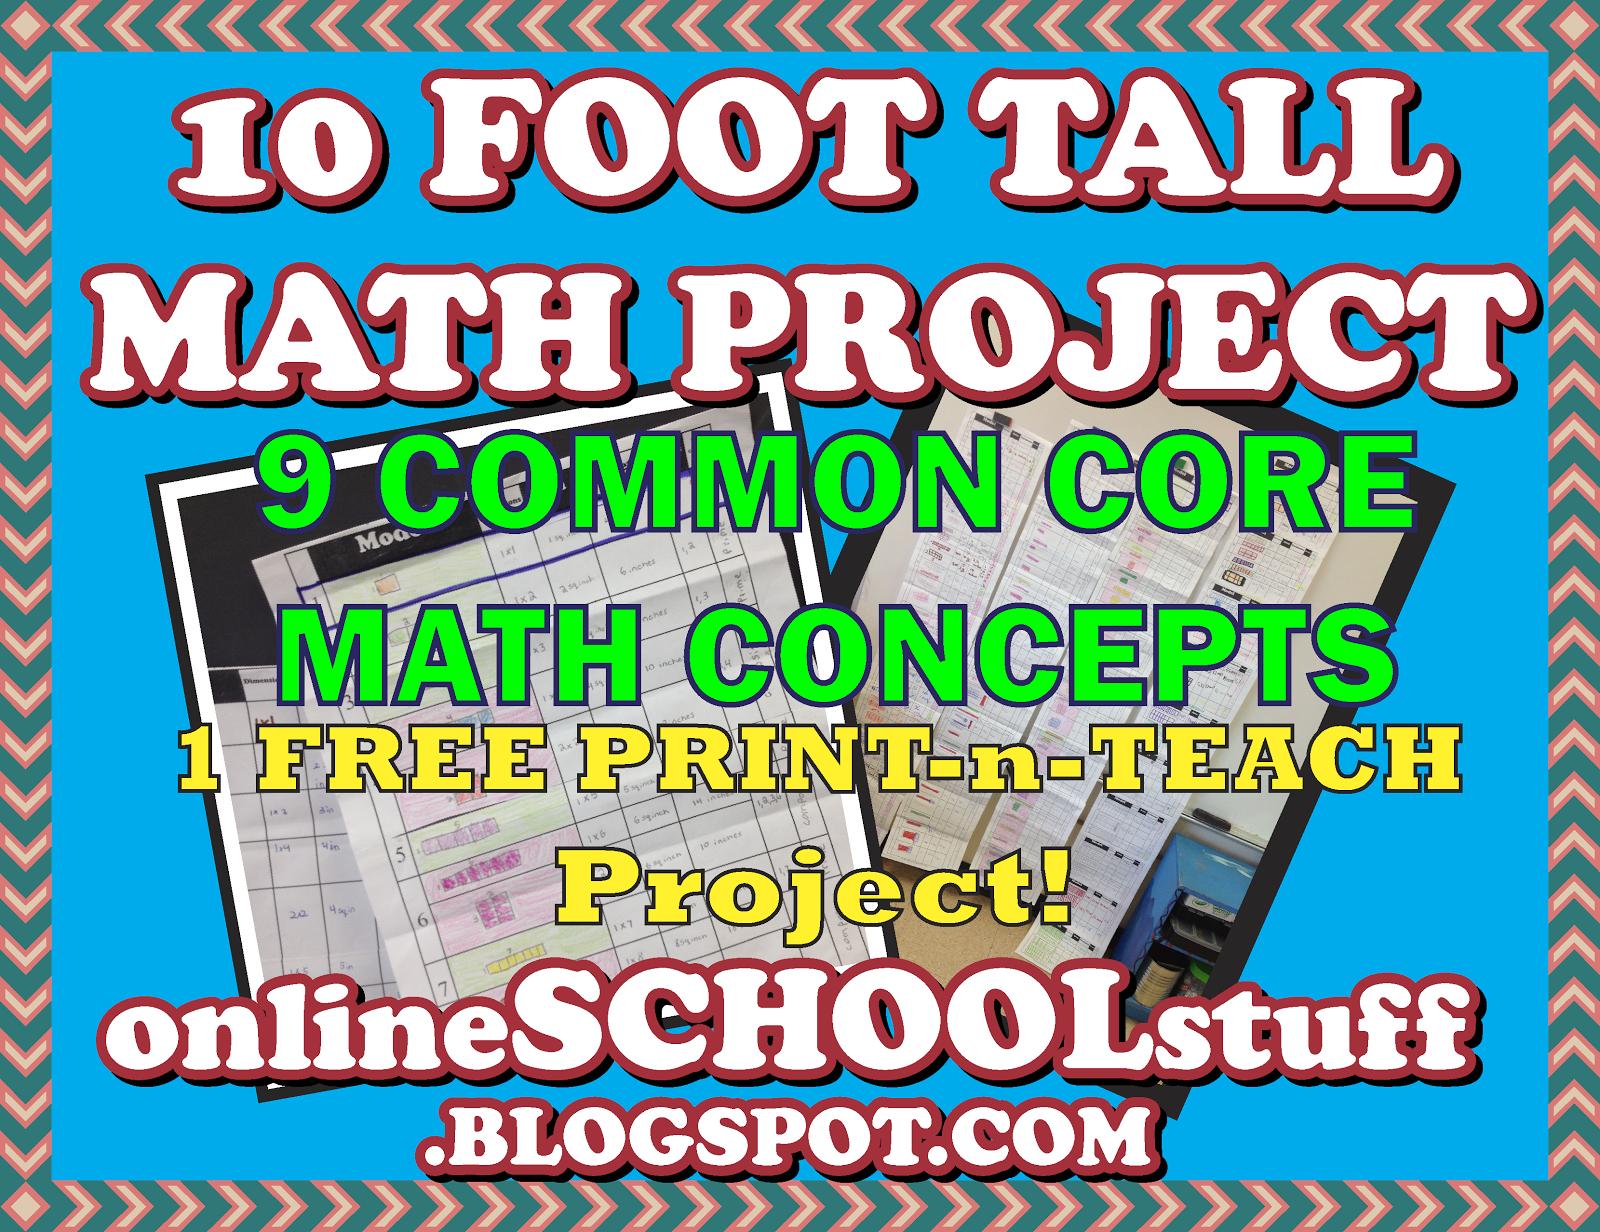 Online School Stuff